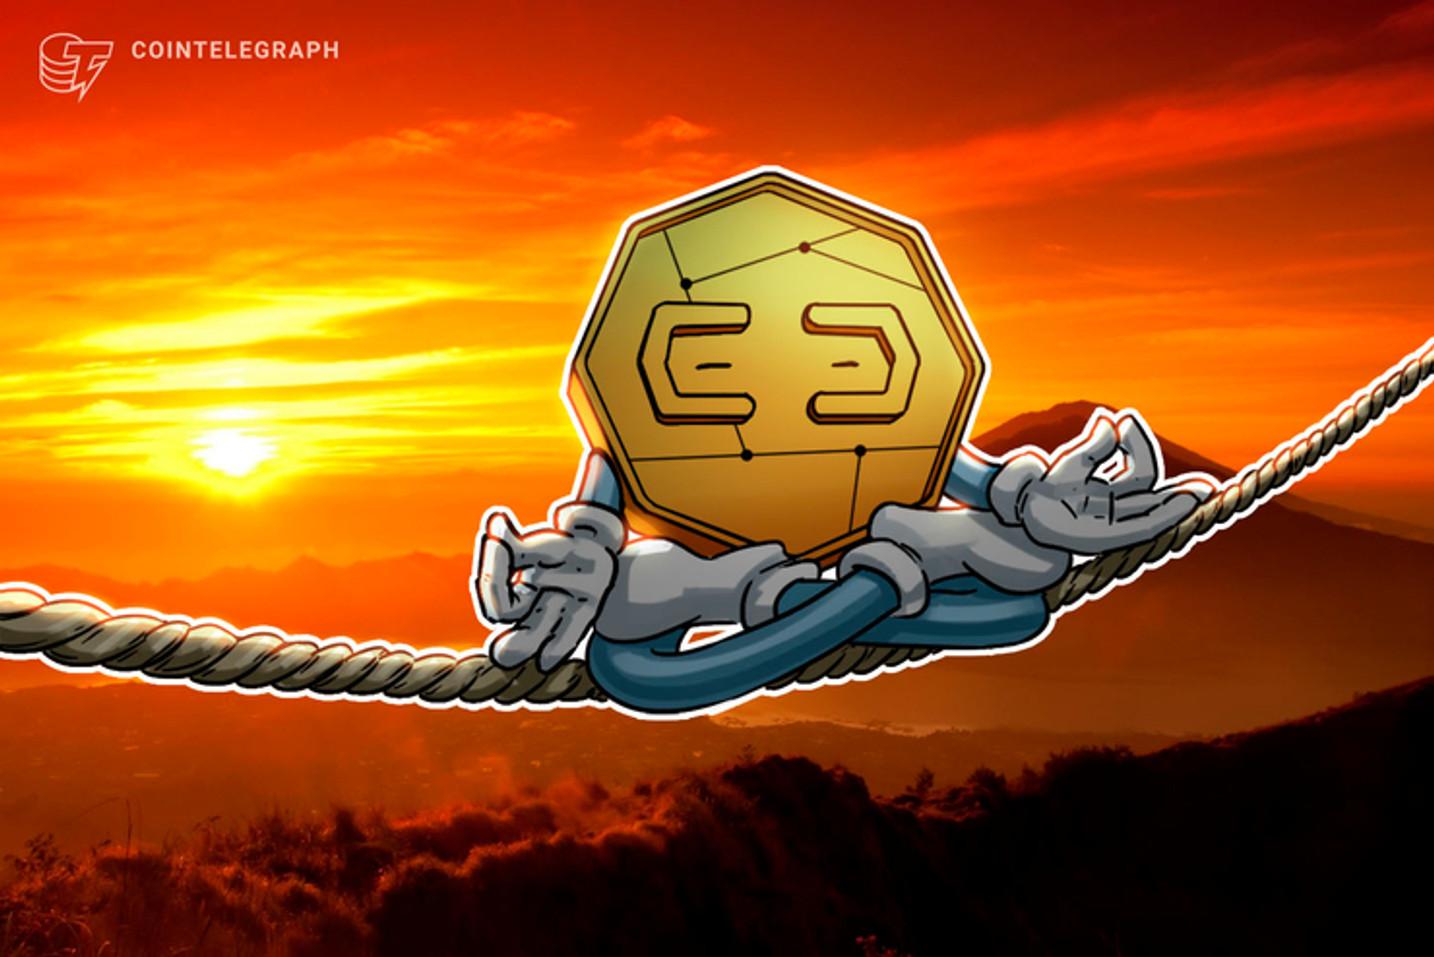 'Baleia' teria 2,3 milhões de endereços de Bitcoin e já teria pago 104 BTC em taxas somente este ano